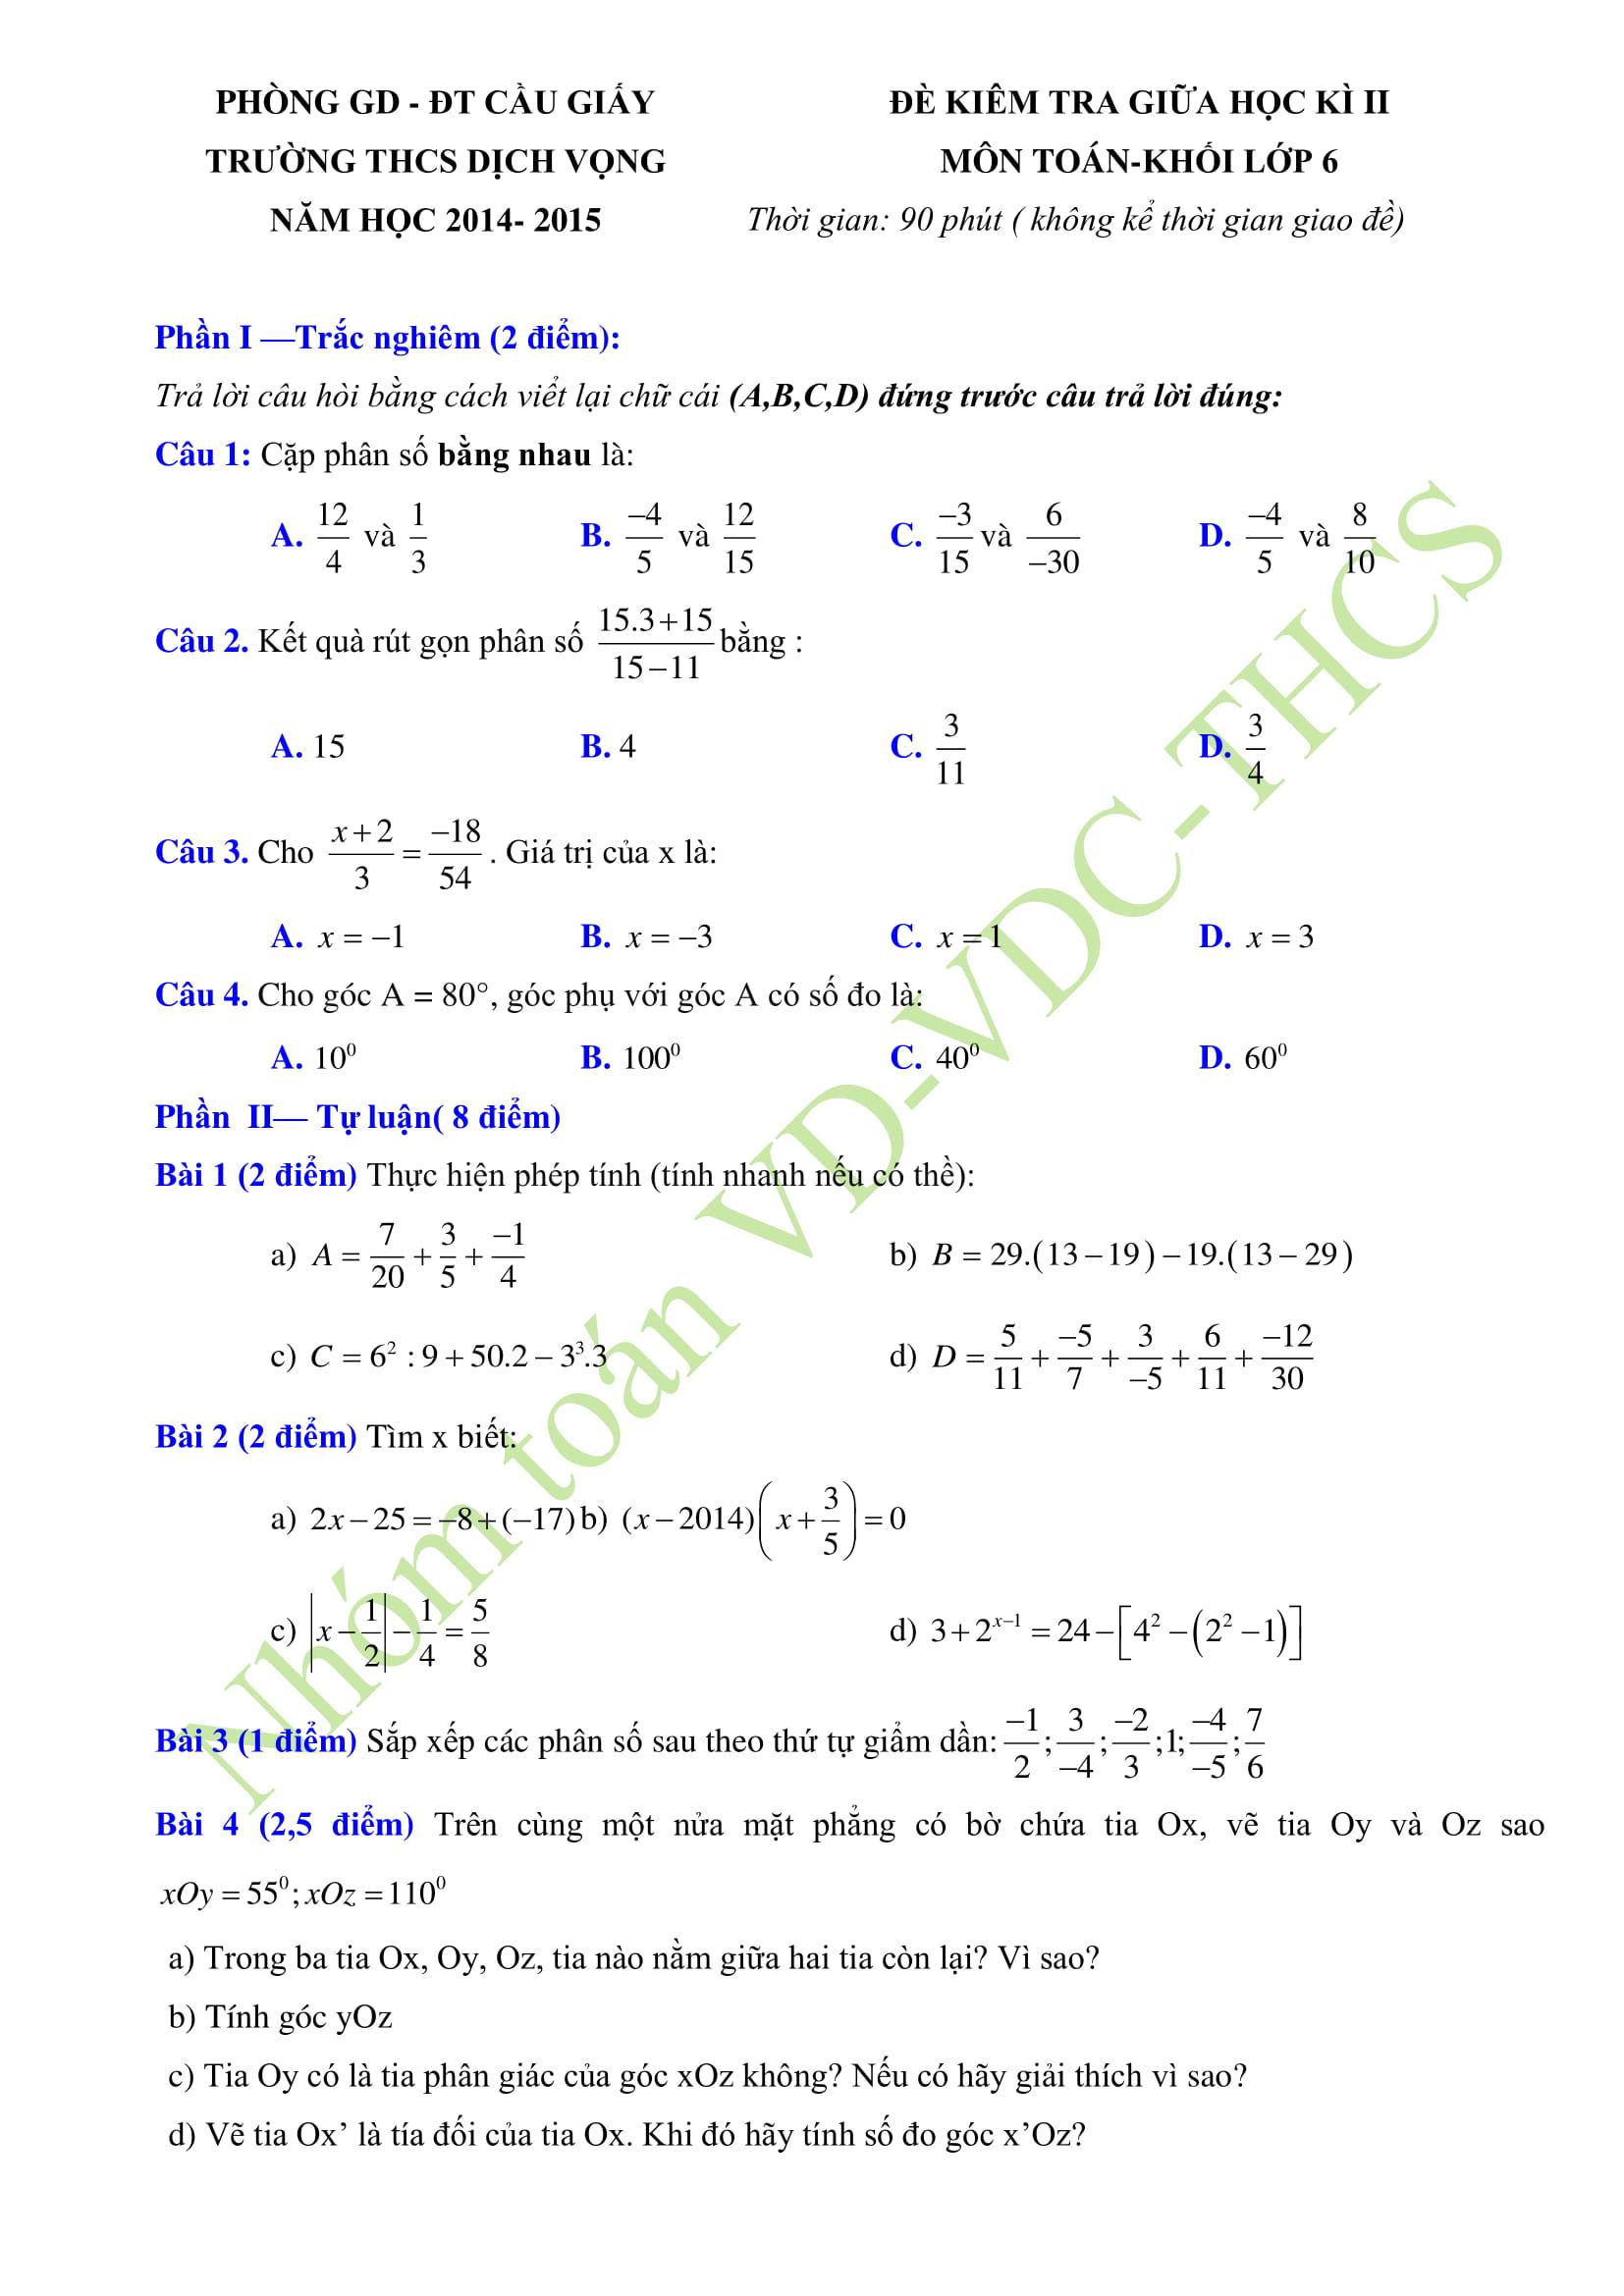 Tổng hợp 30 đề thi giữa HK2 toán 6